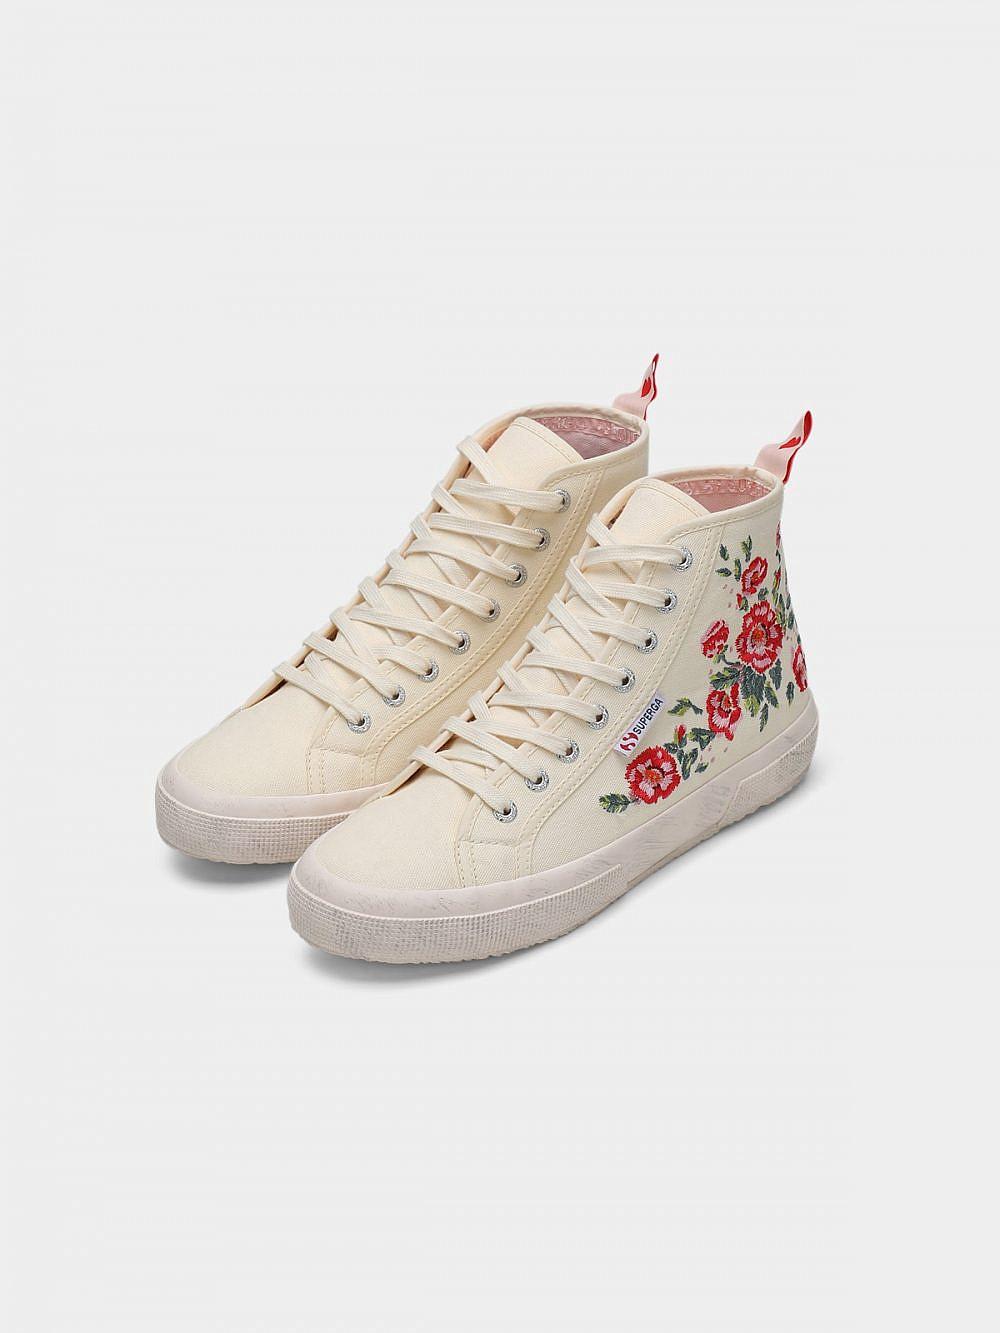 """נעליים של סופרגה, מחיר: 279 ש""""ח   צילום: one project by azrieli"""